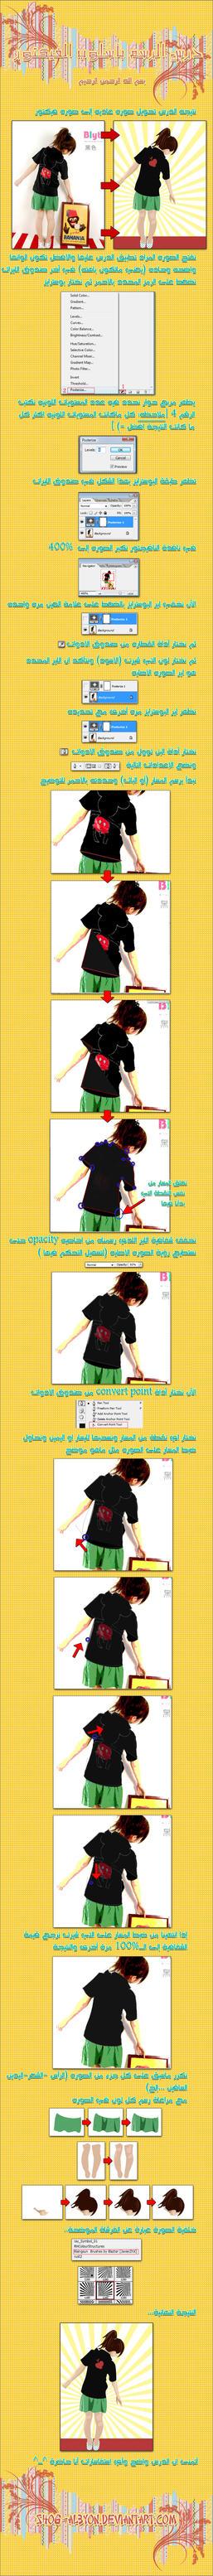 vector tutrial - Arabic by shog-al3yon